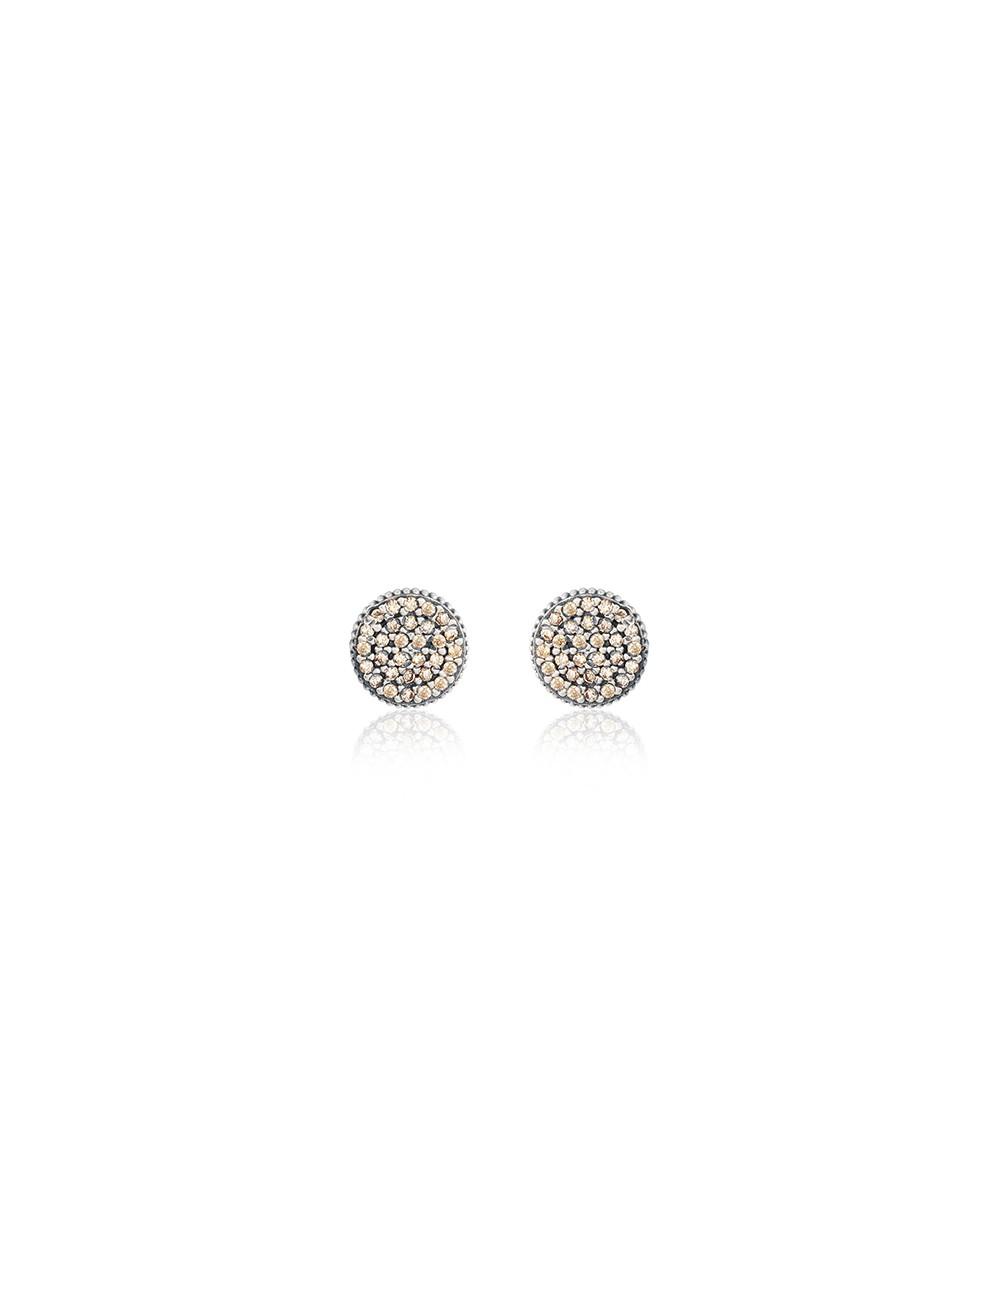 Sunfield -Pendientes Sunfield plata y circonitas -PE062330/23